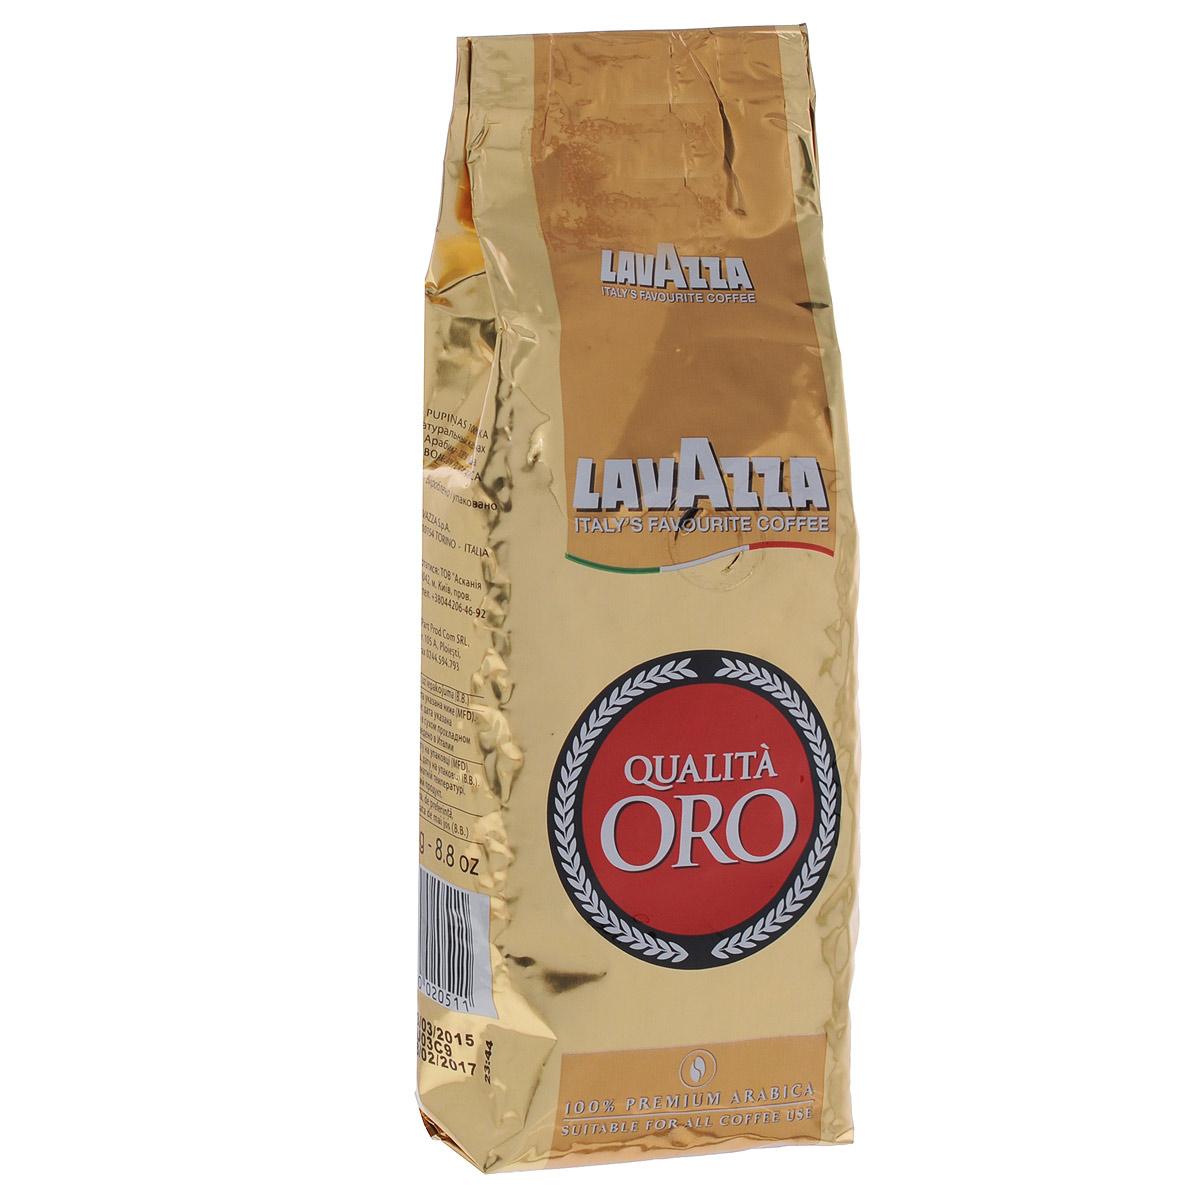 Lavazza Qualita Oro кофе в зернах, 250 г2051Lavazza Qualita Oro - ароматный напиток, созданный для требовательного кофемана с утонченным вкусом. Тщательно подобранный купаж создан из 100 % высокогорной арабики, выращенной на лучших плантациях Центральной Америки. Средняя обжарка и высокое качество сырья позволяют получить ярко выраженный красочный вкус и запоминающийся аромат, наполненный выразительной цветочной нотой с небольшой кислинкой. Отличной подойдет не только для кафе,баров и ресторанов, но и для вашей кофемашины в офис или домой.